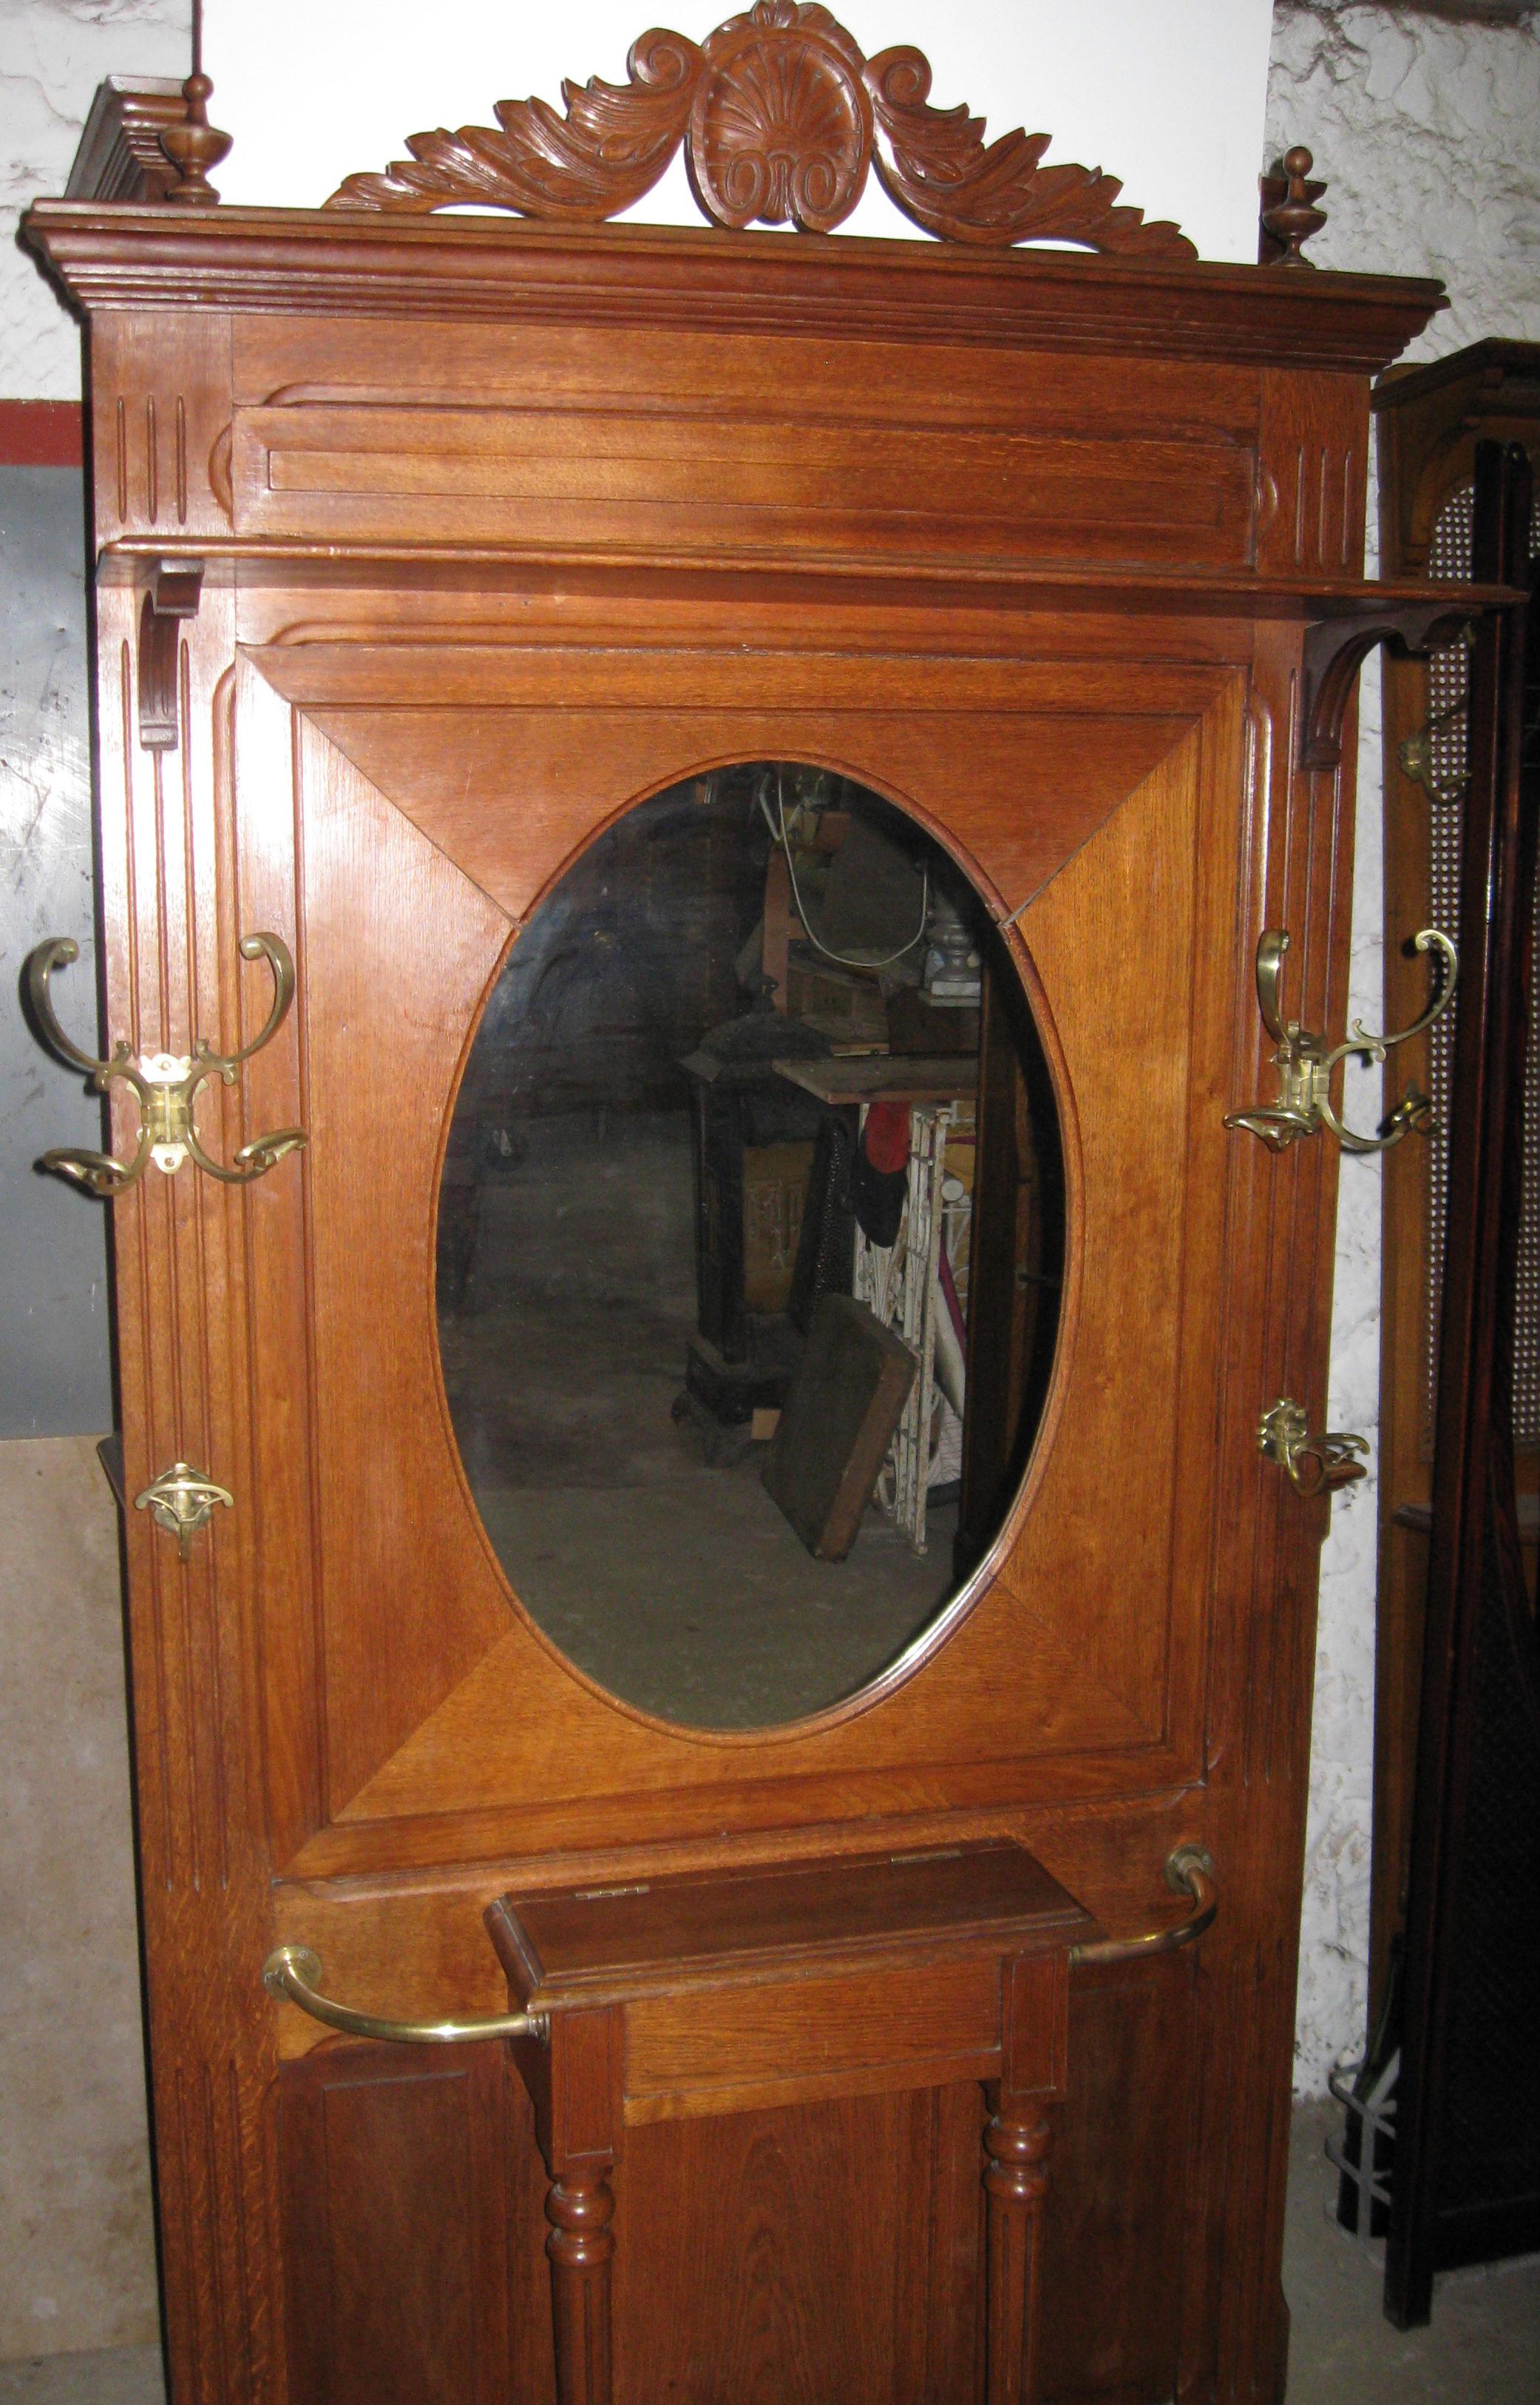 eichegarderobe mit ovalem spiegel antik garderoben antiquit ten eine bildsch ne garderobe vom. Black Bedroom Furniture Sets. Home Design Ideas